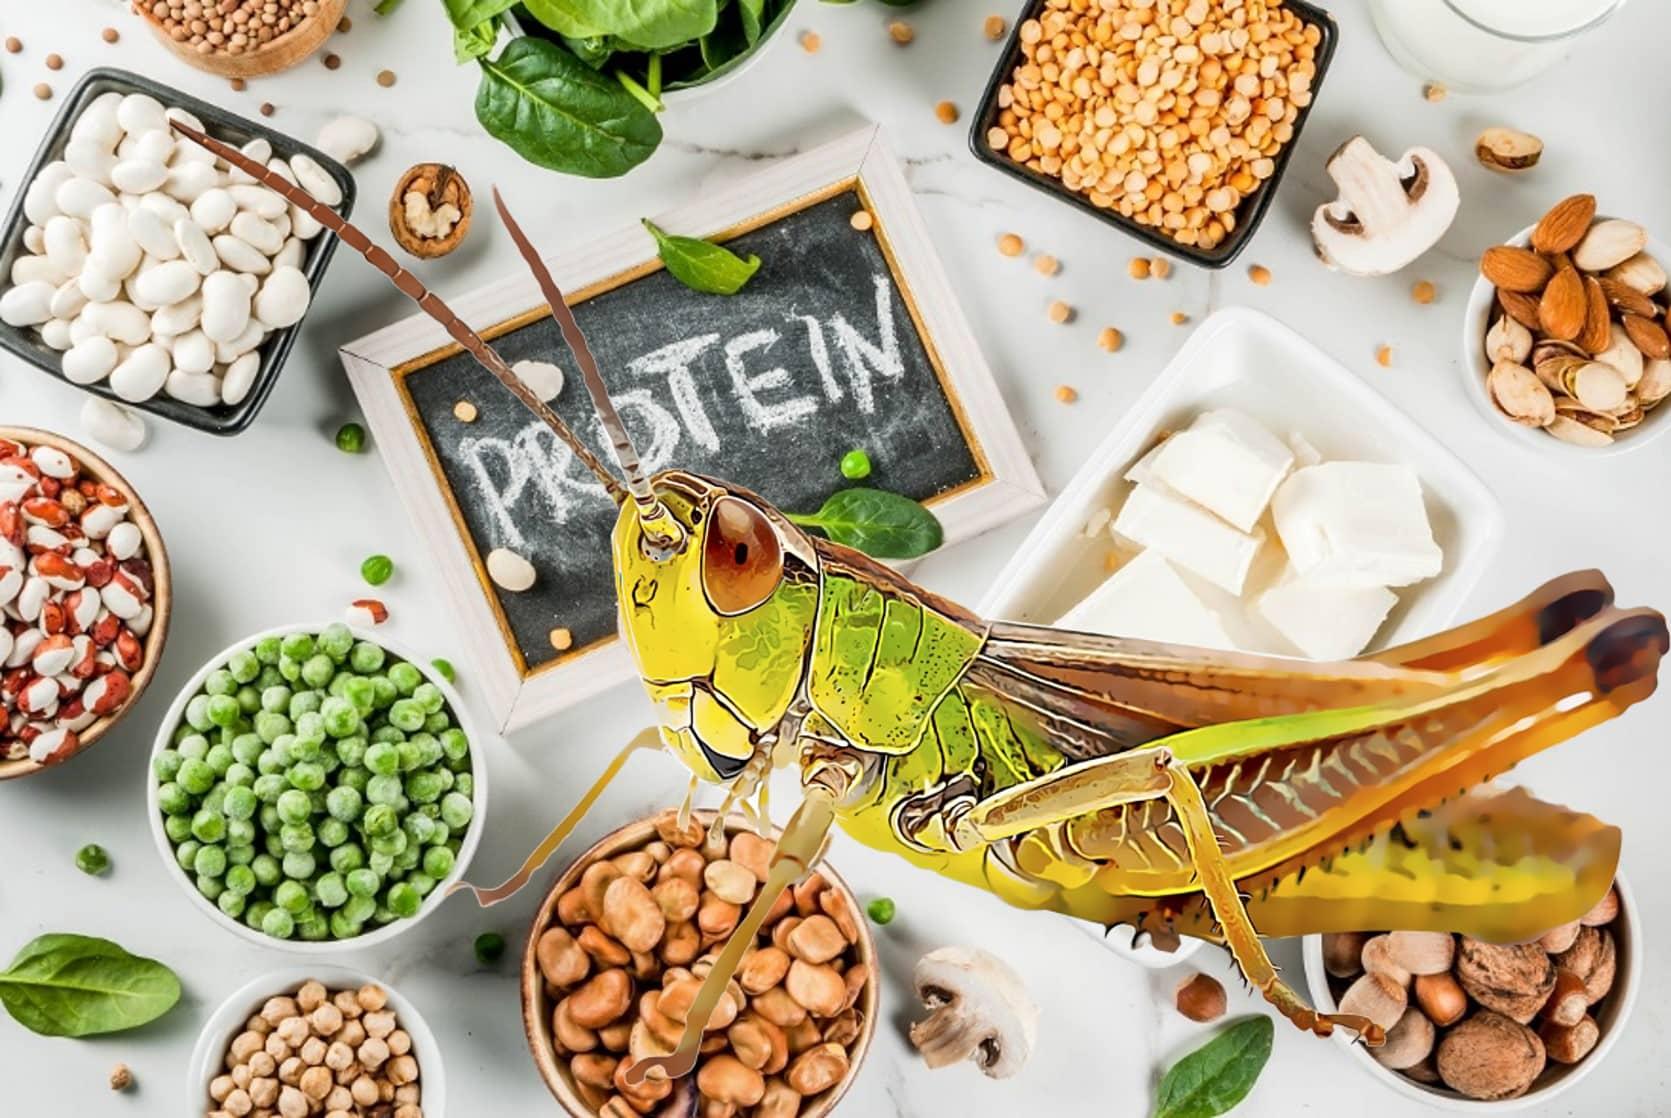 Gesunde veganische Ernährung, vegetarische Proteinquellen: Tofu, veganische Milch, Bohnen, Linsen, Nüsse, Sojamilch, Spinat und Samen. Draufsicht auf weißem Tisch.